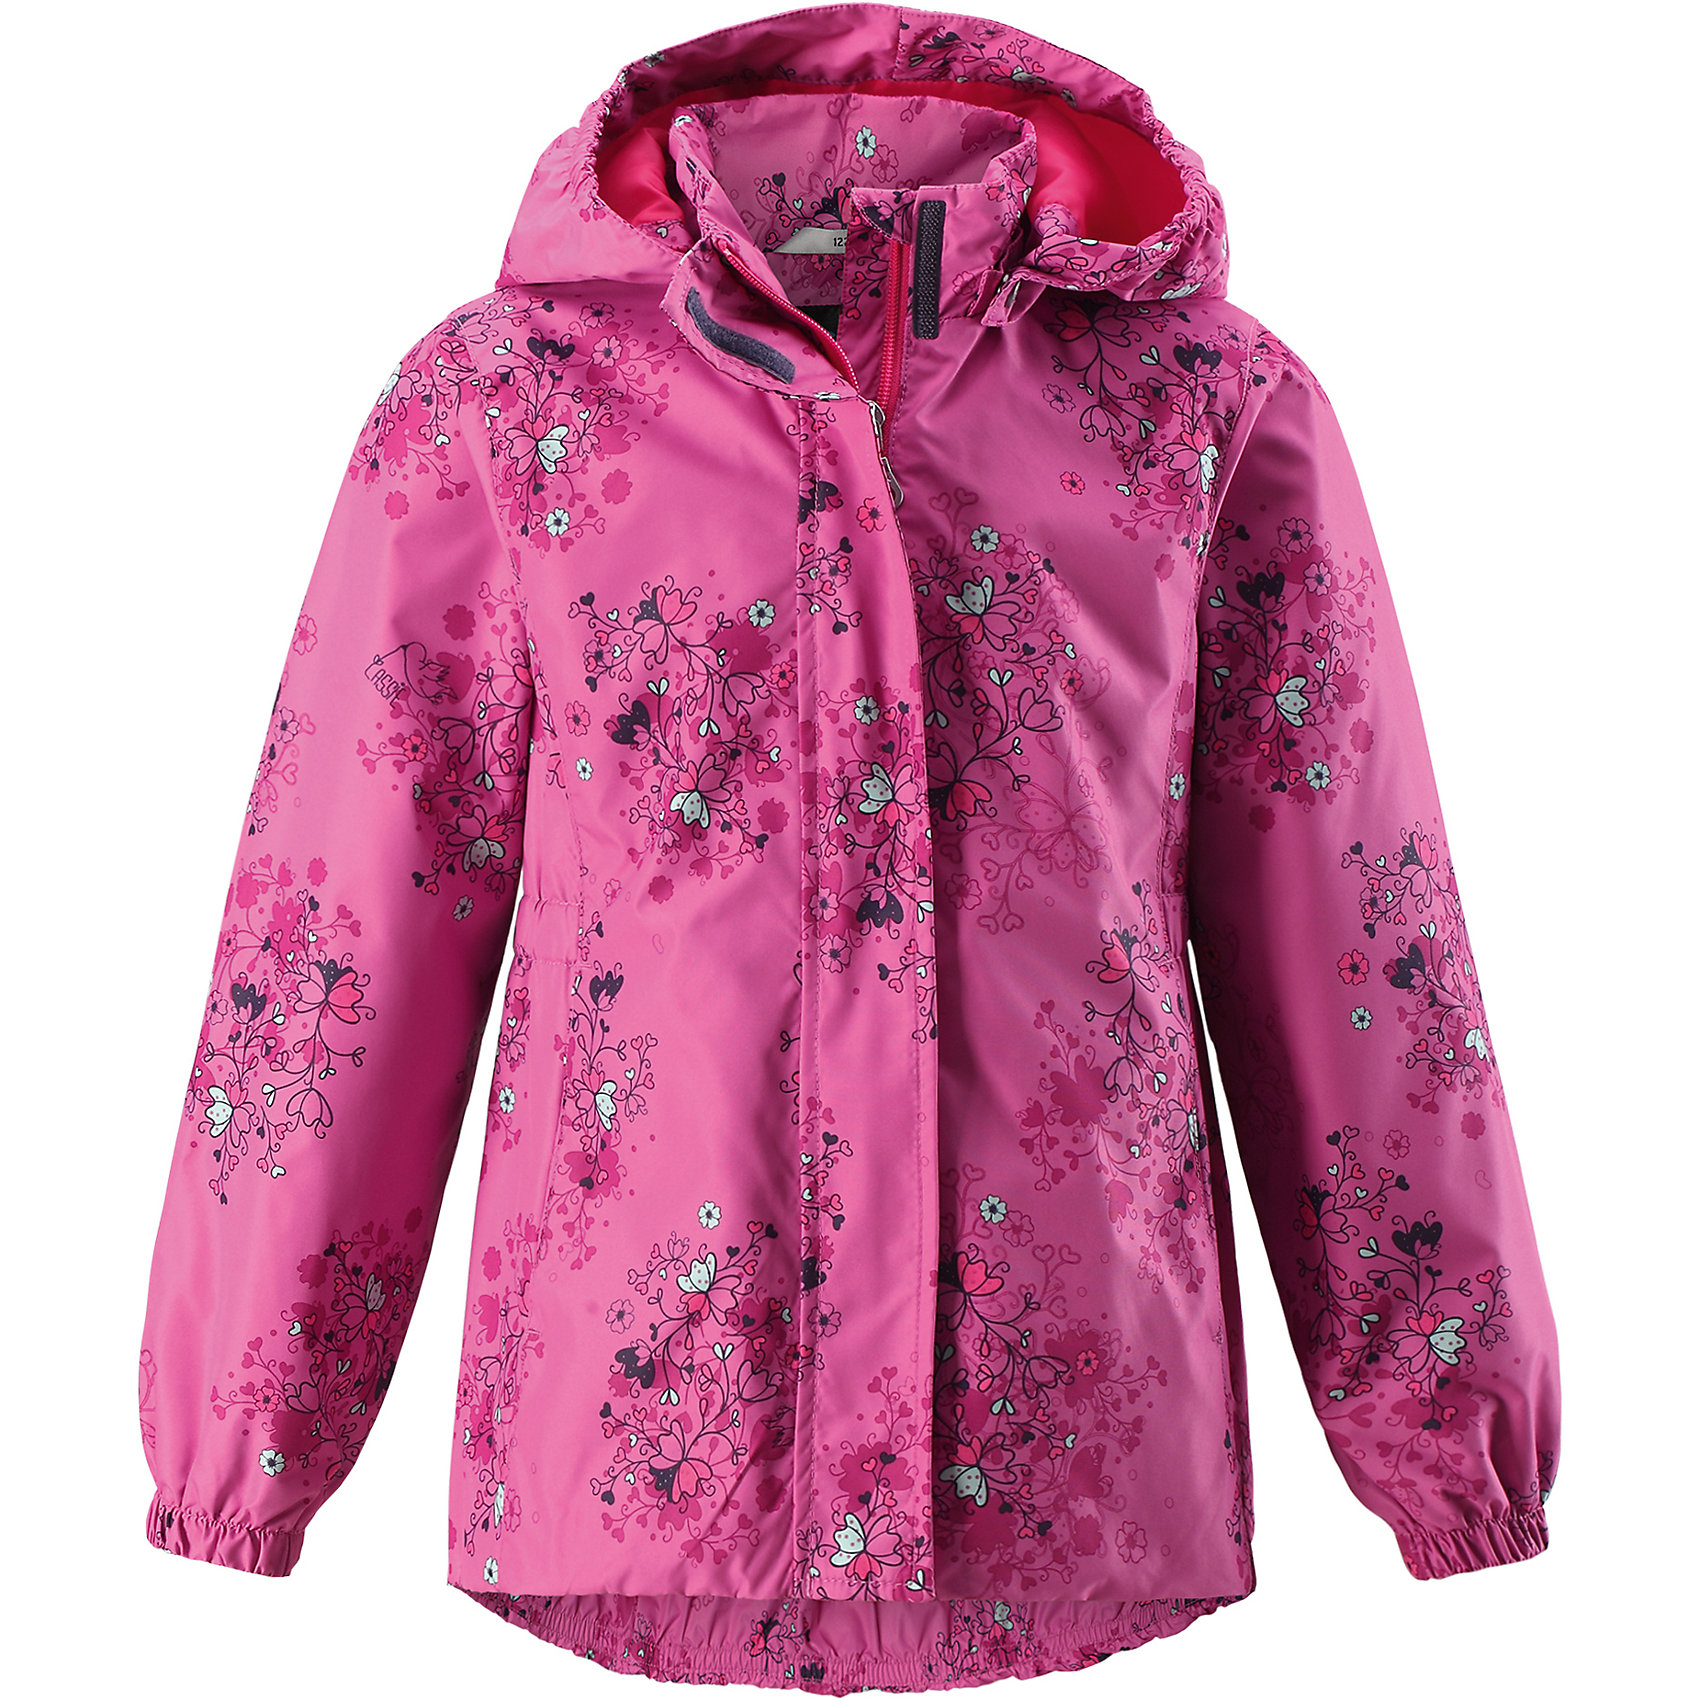 Куртка для девочки LASSIEОдежда<br>Курткадля девочки LASSIE<br>Состав:<br>100% Полиэстер, полиуретановое покрытие<br> Куртка для детей<br> Водоотталкивающий, ветронепроницаемый и «дышащий» материал<br> Крой для девочек<br> Подкладка из mesh-сетки<br> Безопасный, съемный капюшон<br> Эластичные манжеты<br> Эластичная талия<br> Эластичная кромка подола<br> Карманы в боковых швах<br><br>Ширина мм: 356<br>Глубина мм: 10<br>Высота мм: 245<br>Вес г: 519<br>Цвет: розовый<br>Возраст от месяцев: 132<br>Возраст до месяцев: 144<br>Пол: Женский<br>Возраст: Детский<br>Размер: 134,122,110,140,92,98,104,116,128<br>SKU: 5264545